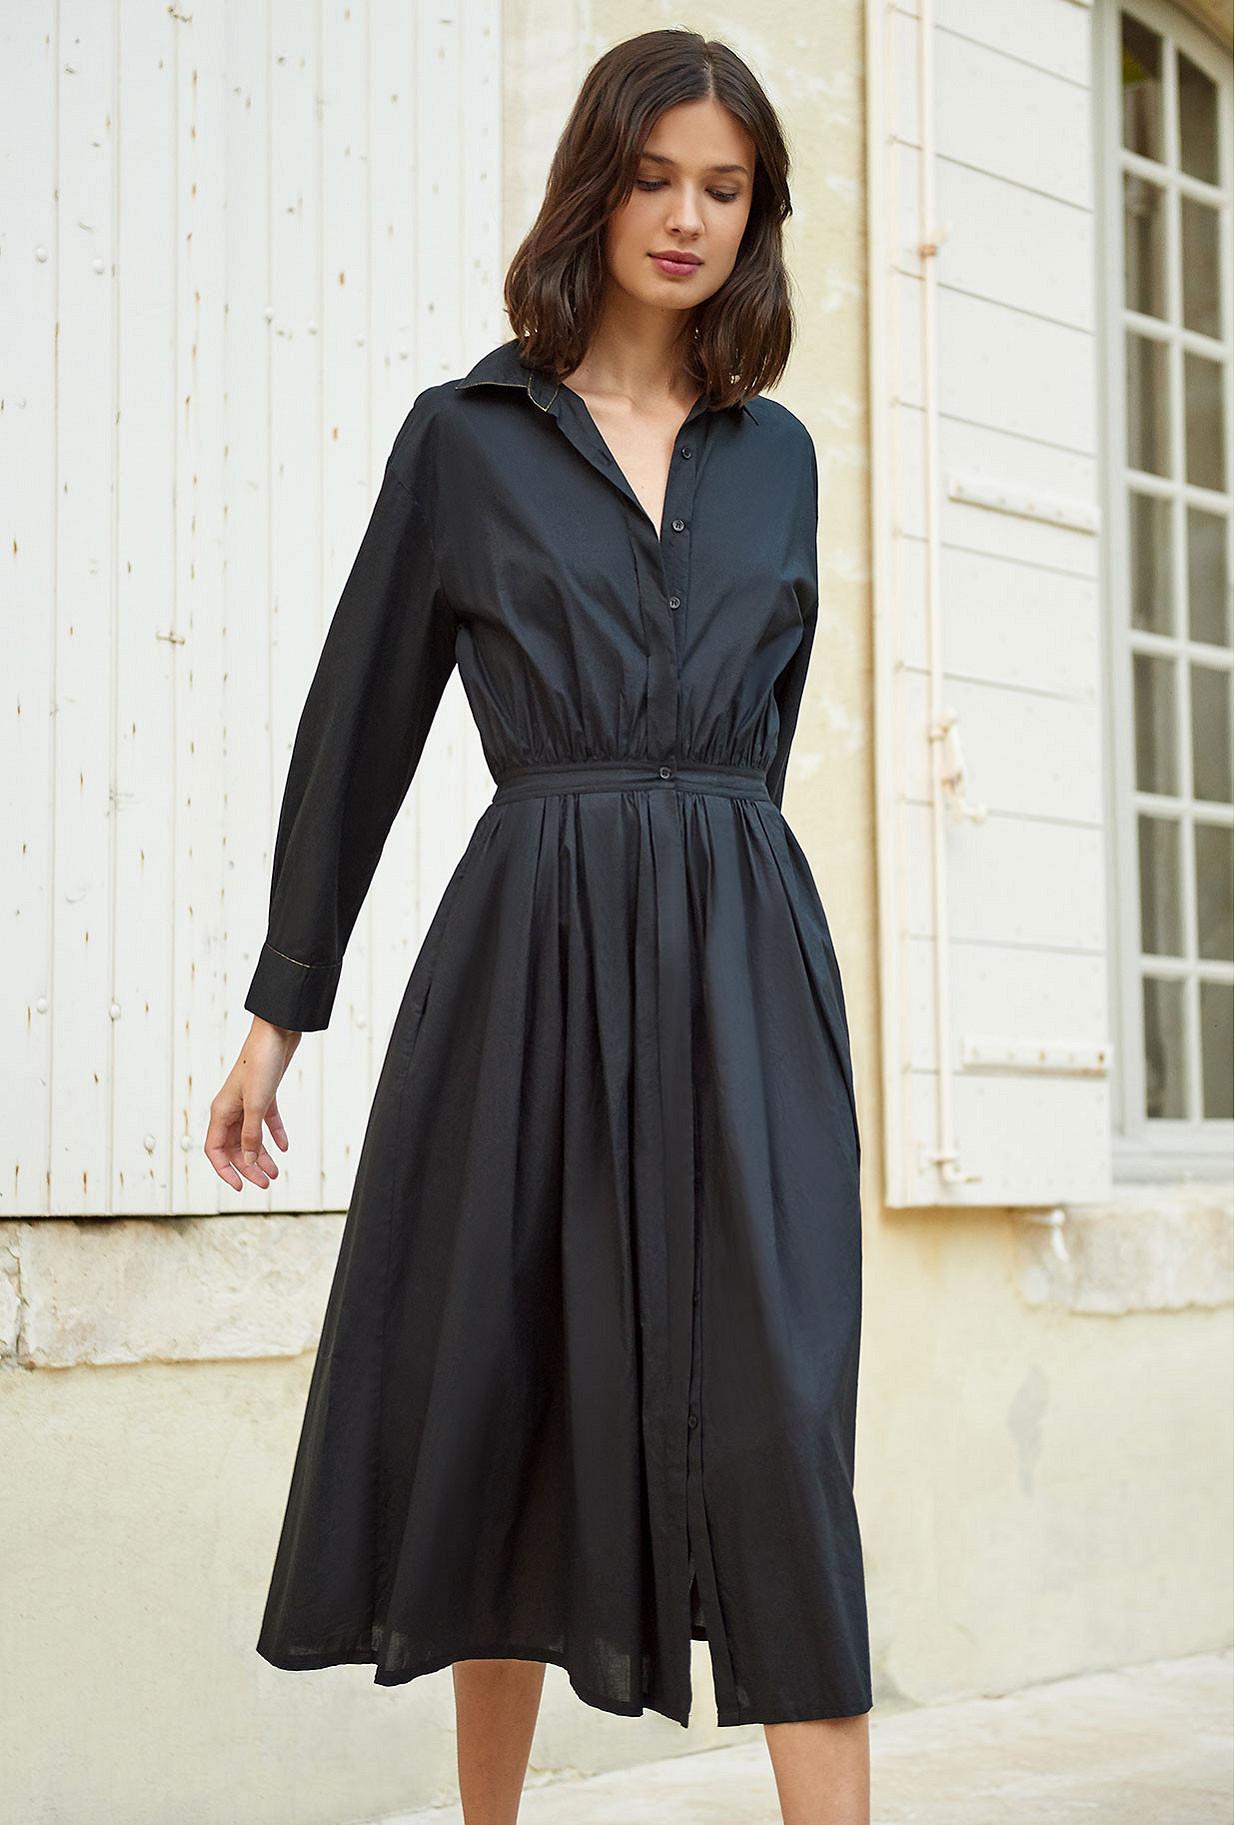 Black Dress Claudel Mes Demoiselles Paris